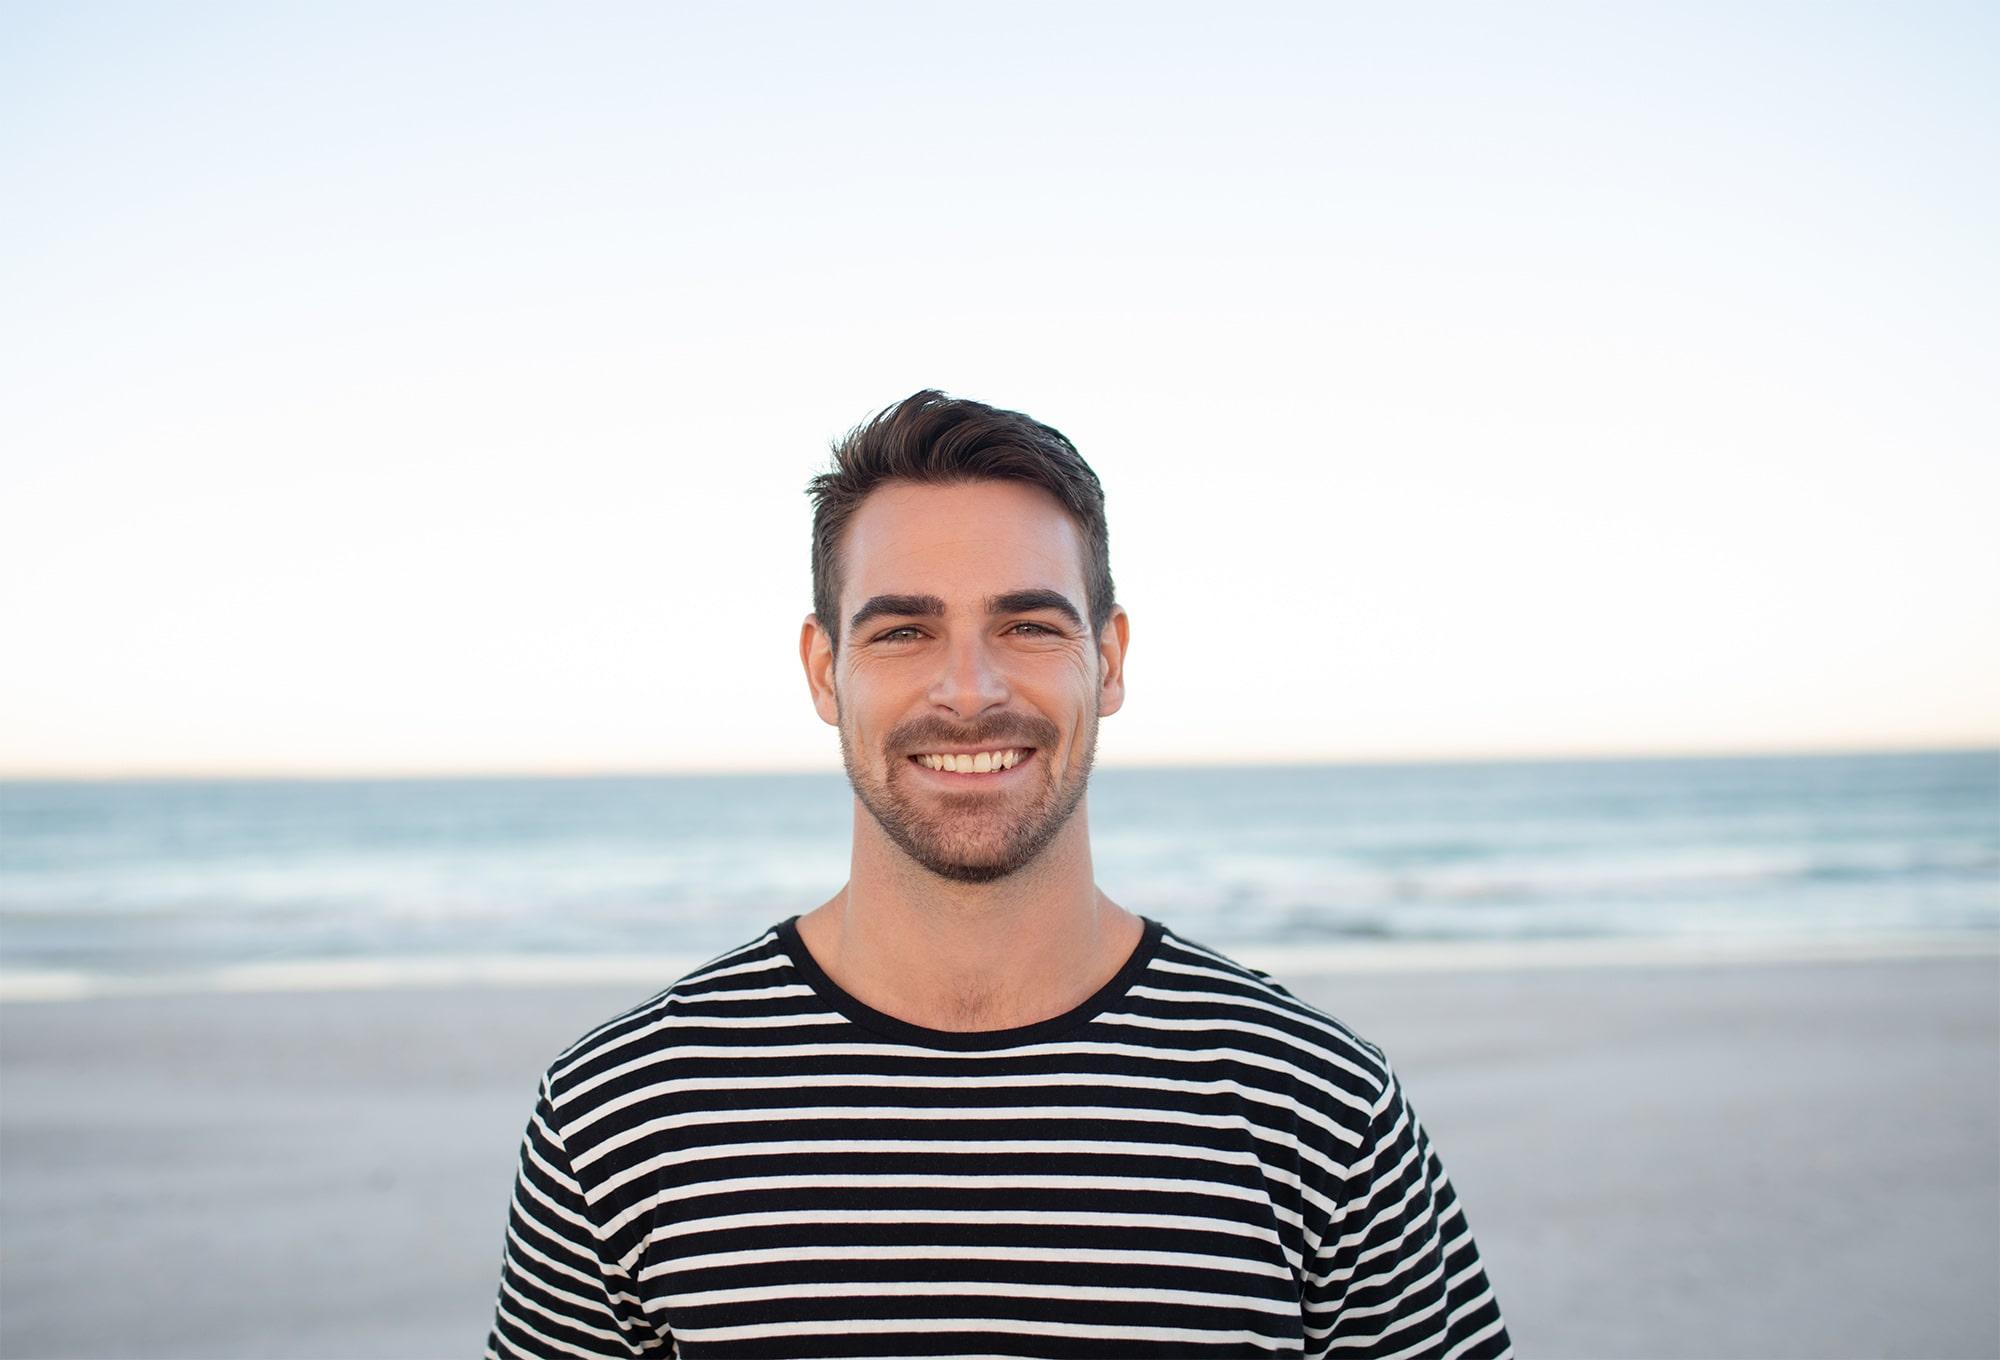 Hombre joven sonriendo con fondo de playa